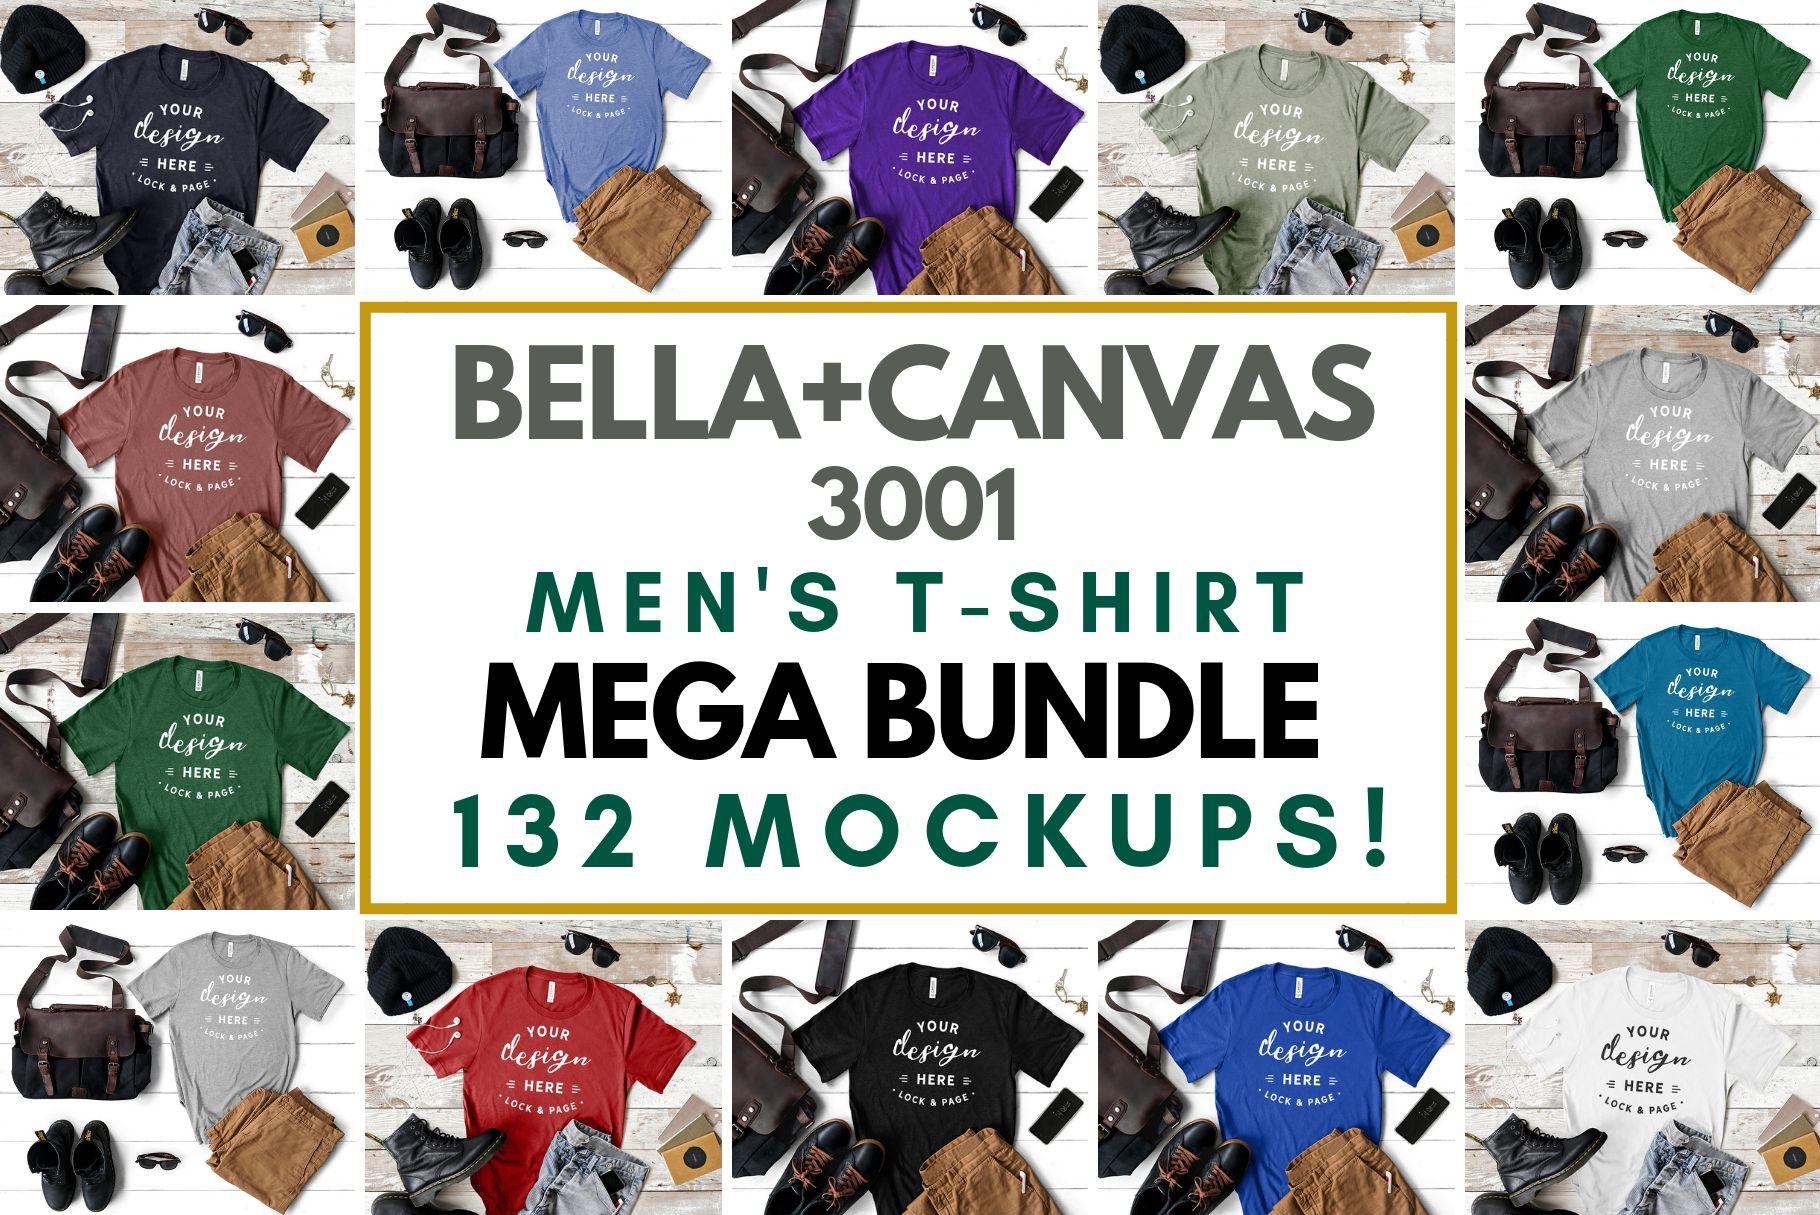 Download Men S Bella Canvas 3001 Masculine T Shirt Mockup Mega Bundle 179316 Mockups Design Bundles Design Mockup Free Tshirt Mockup Free Psd Mockups Templates